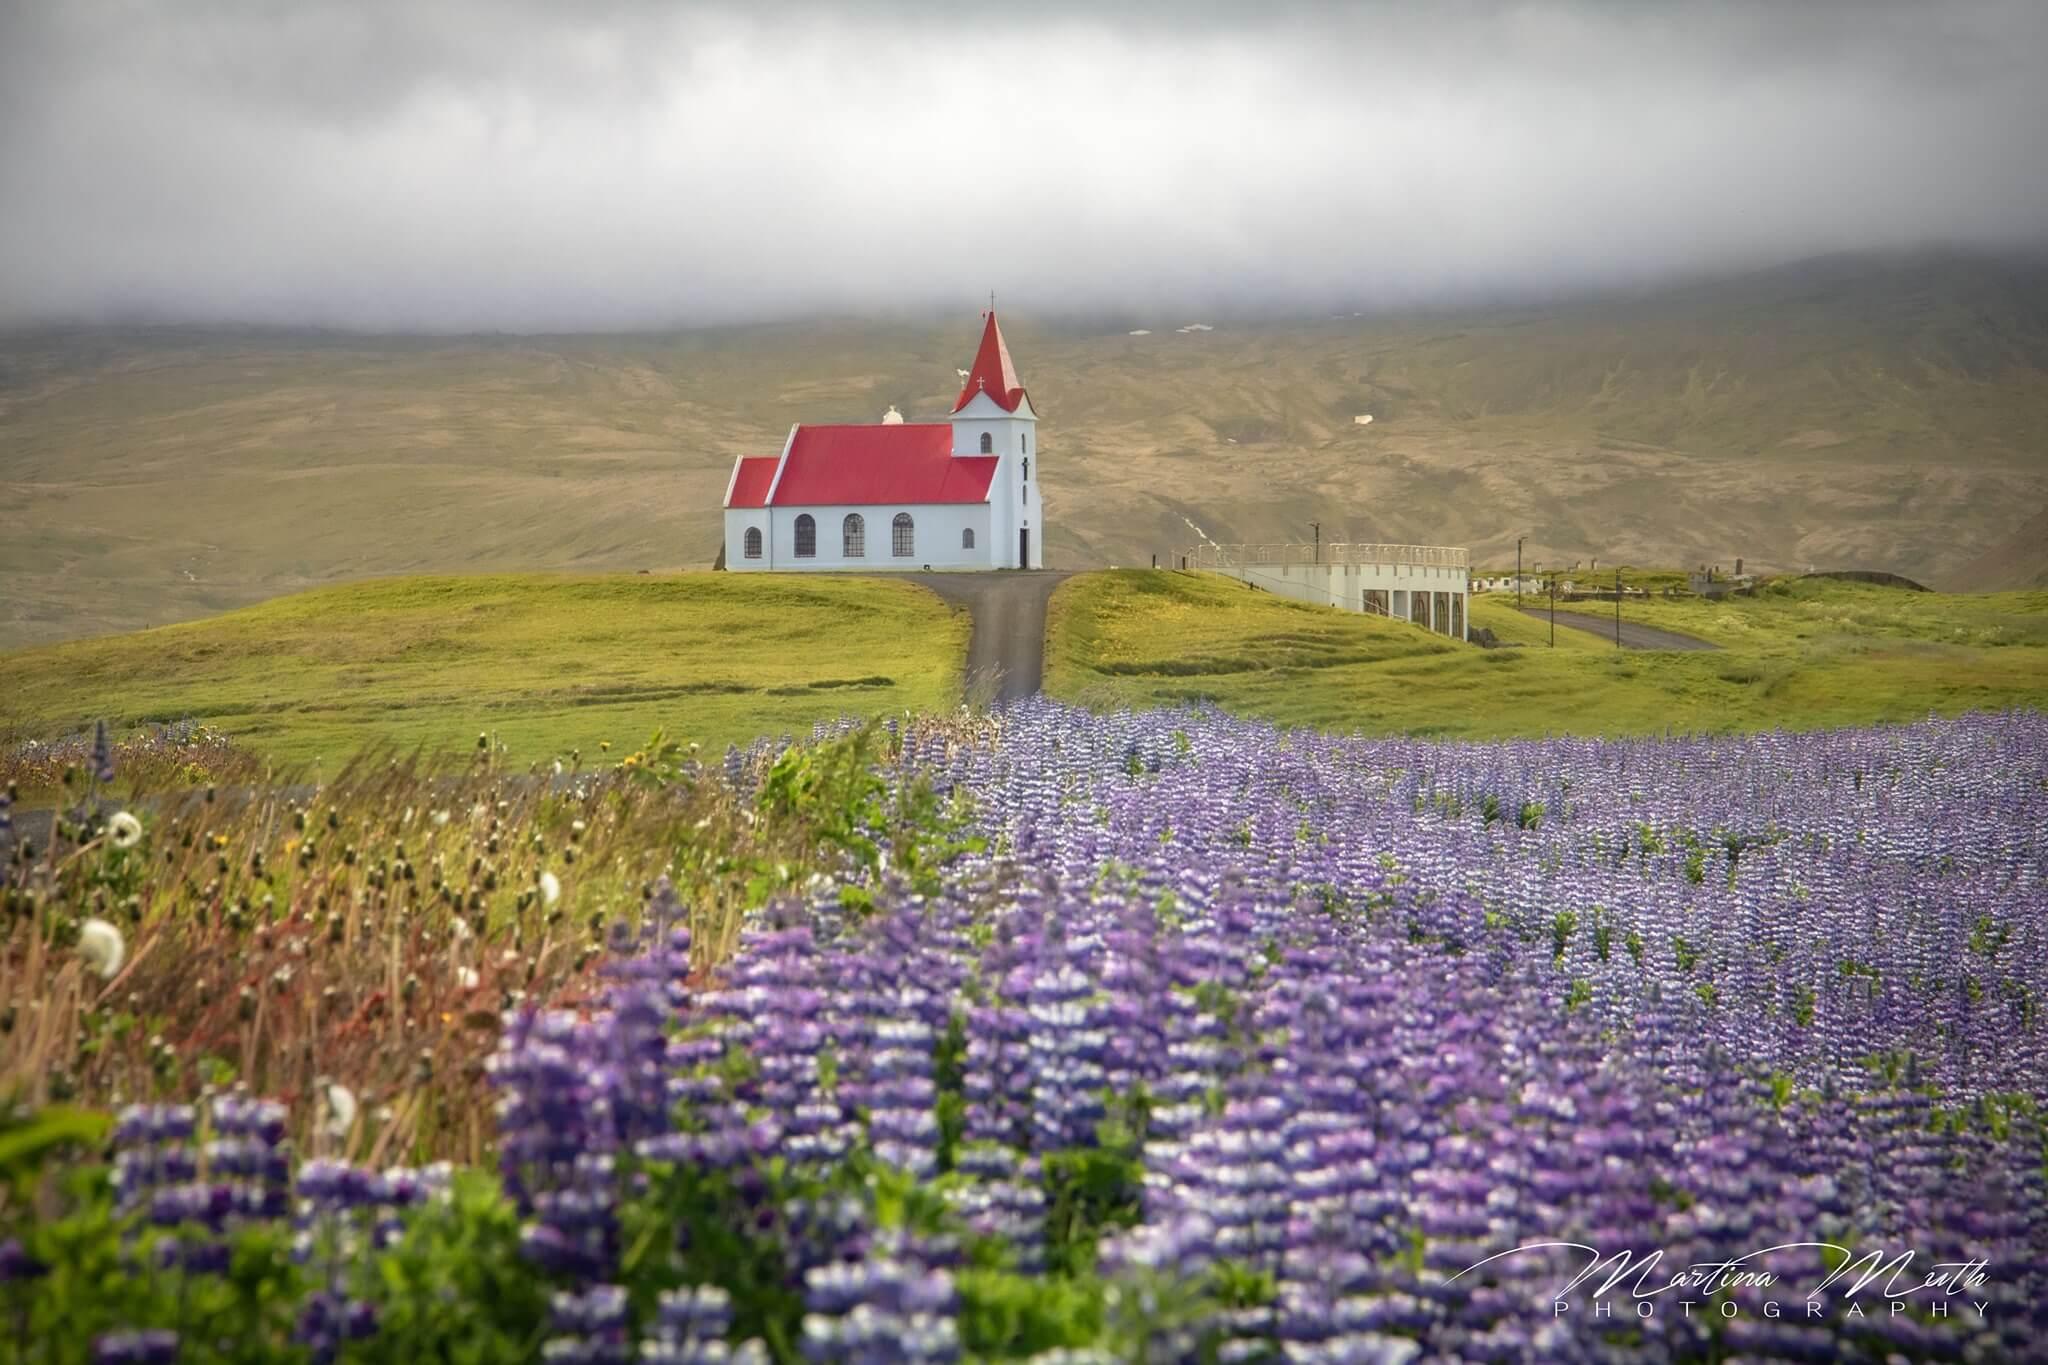 Die Zufahrtsstraße zur Ingjaldshólskirkja schaut ganz verändert aus, denn rechts und links blühen verschwenderische Mengen von Lupinen